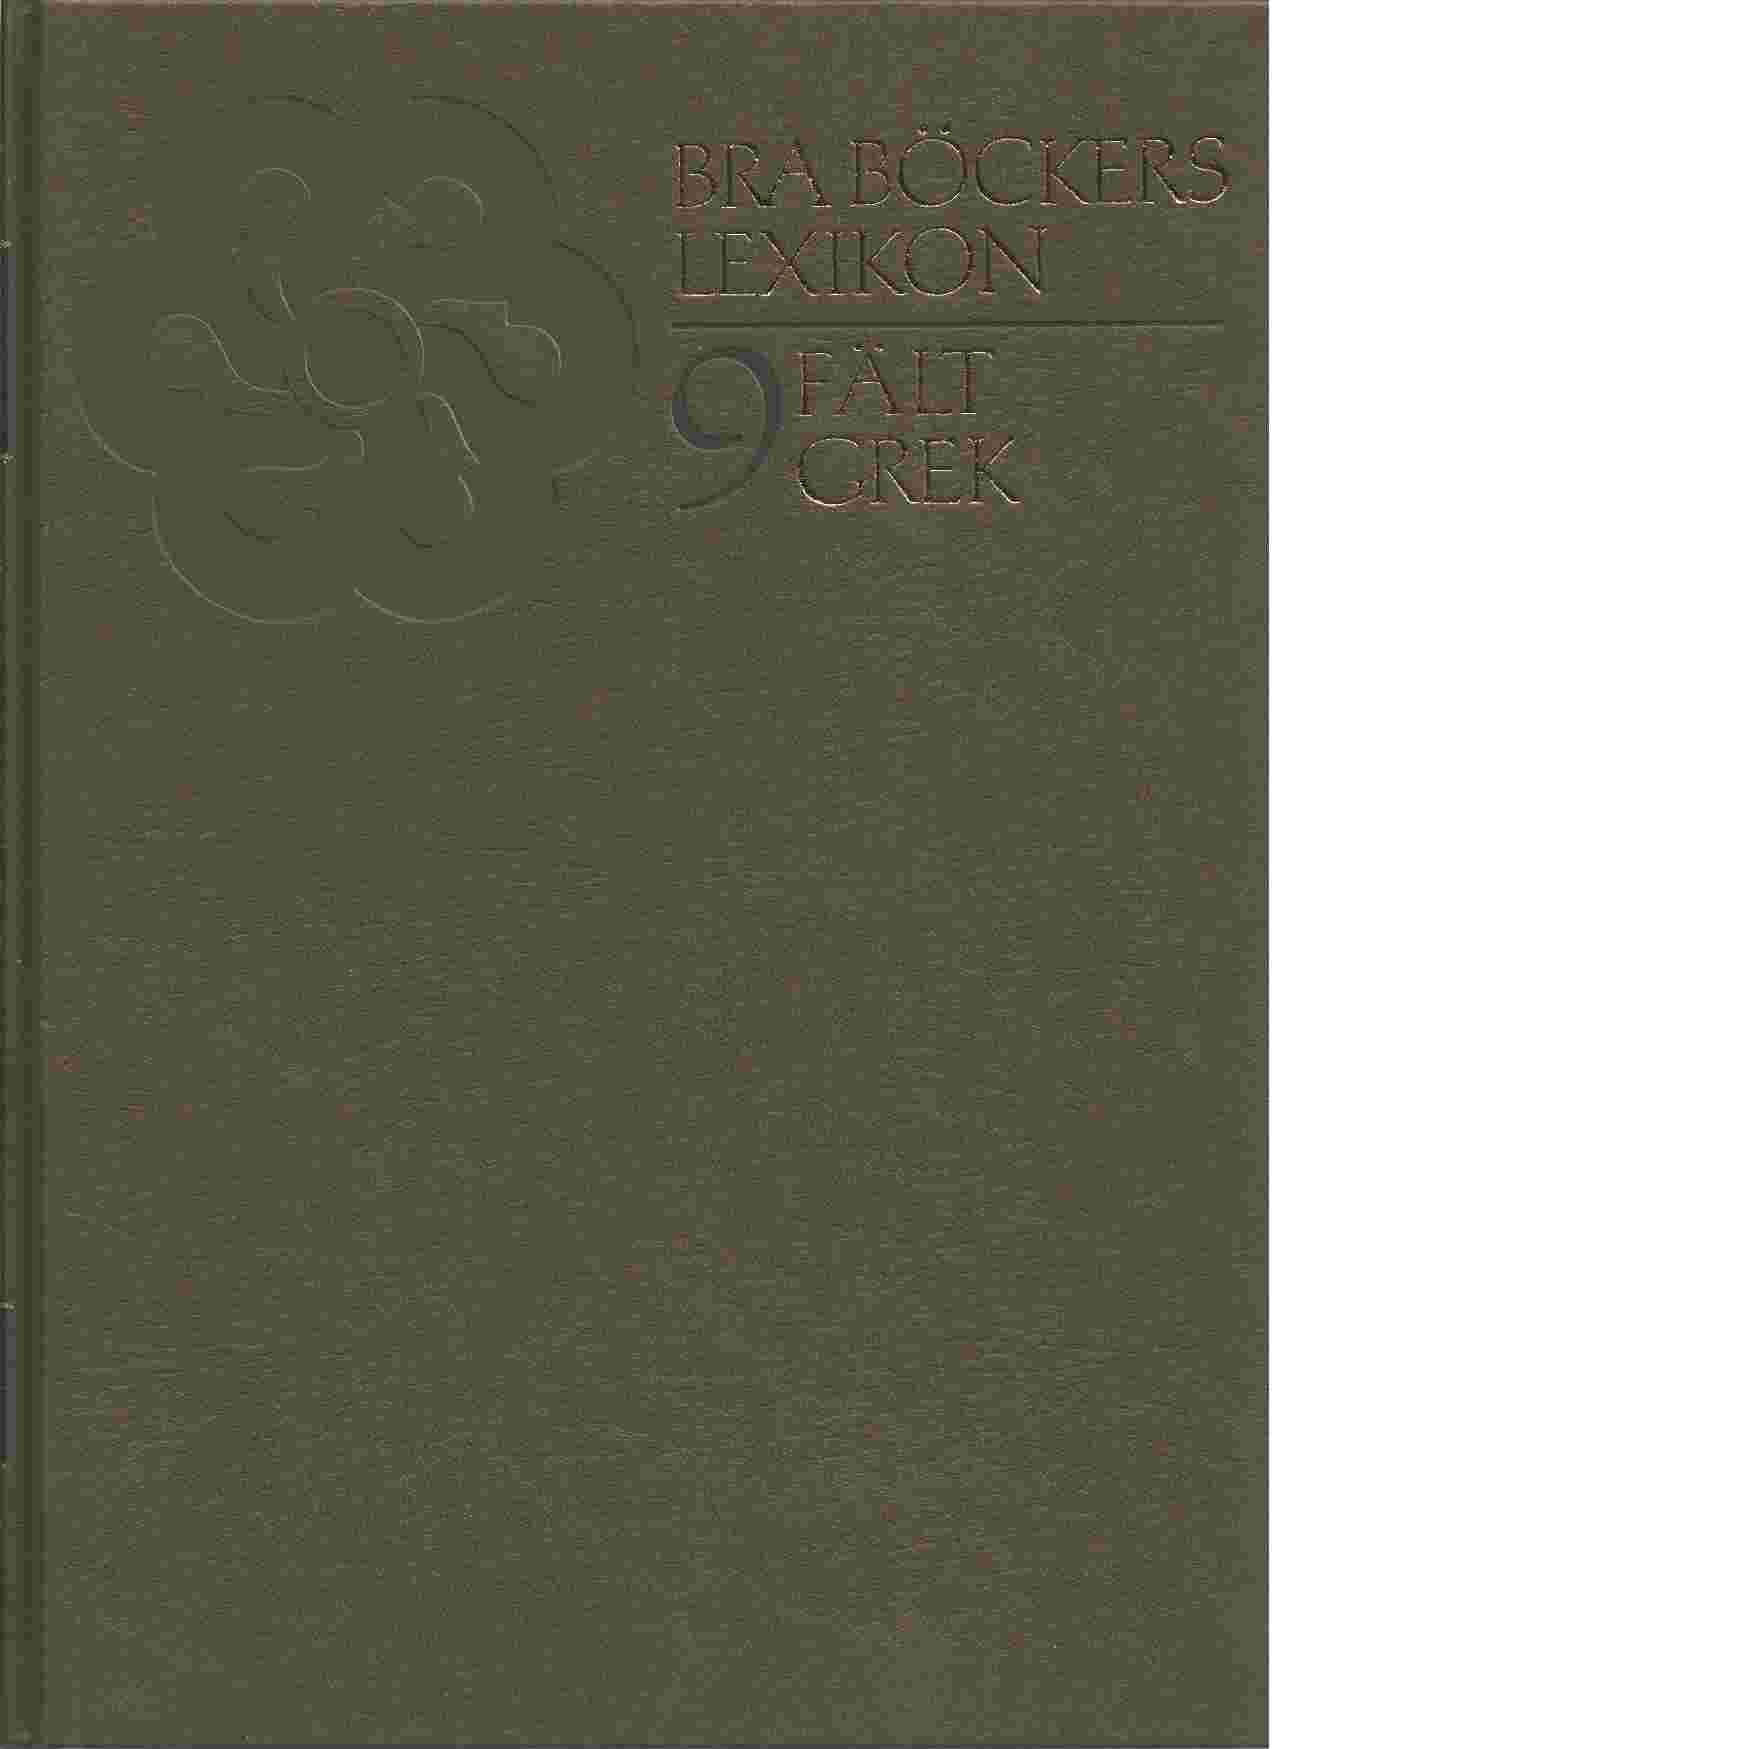 Bra böckers lexikon. 9 - Friesen, von Sten